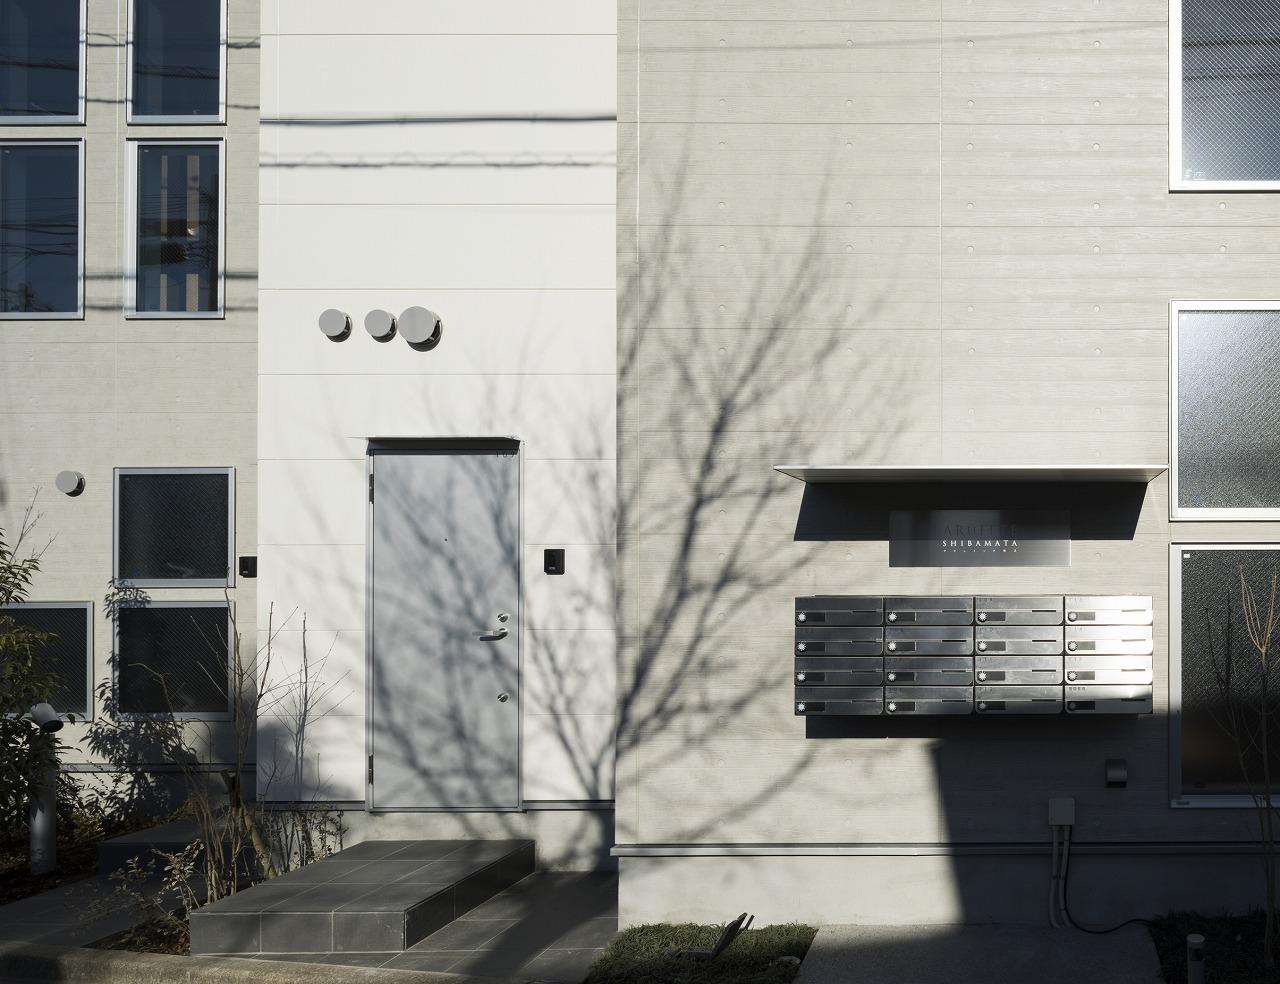 葛飾区柴又4丁目の15戸の立体長屋集合住宅 イメージ